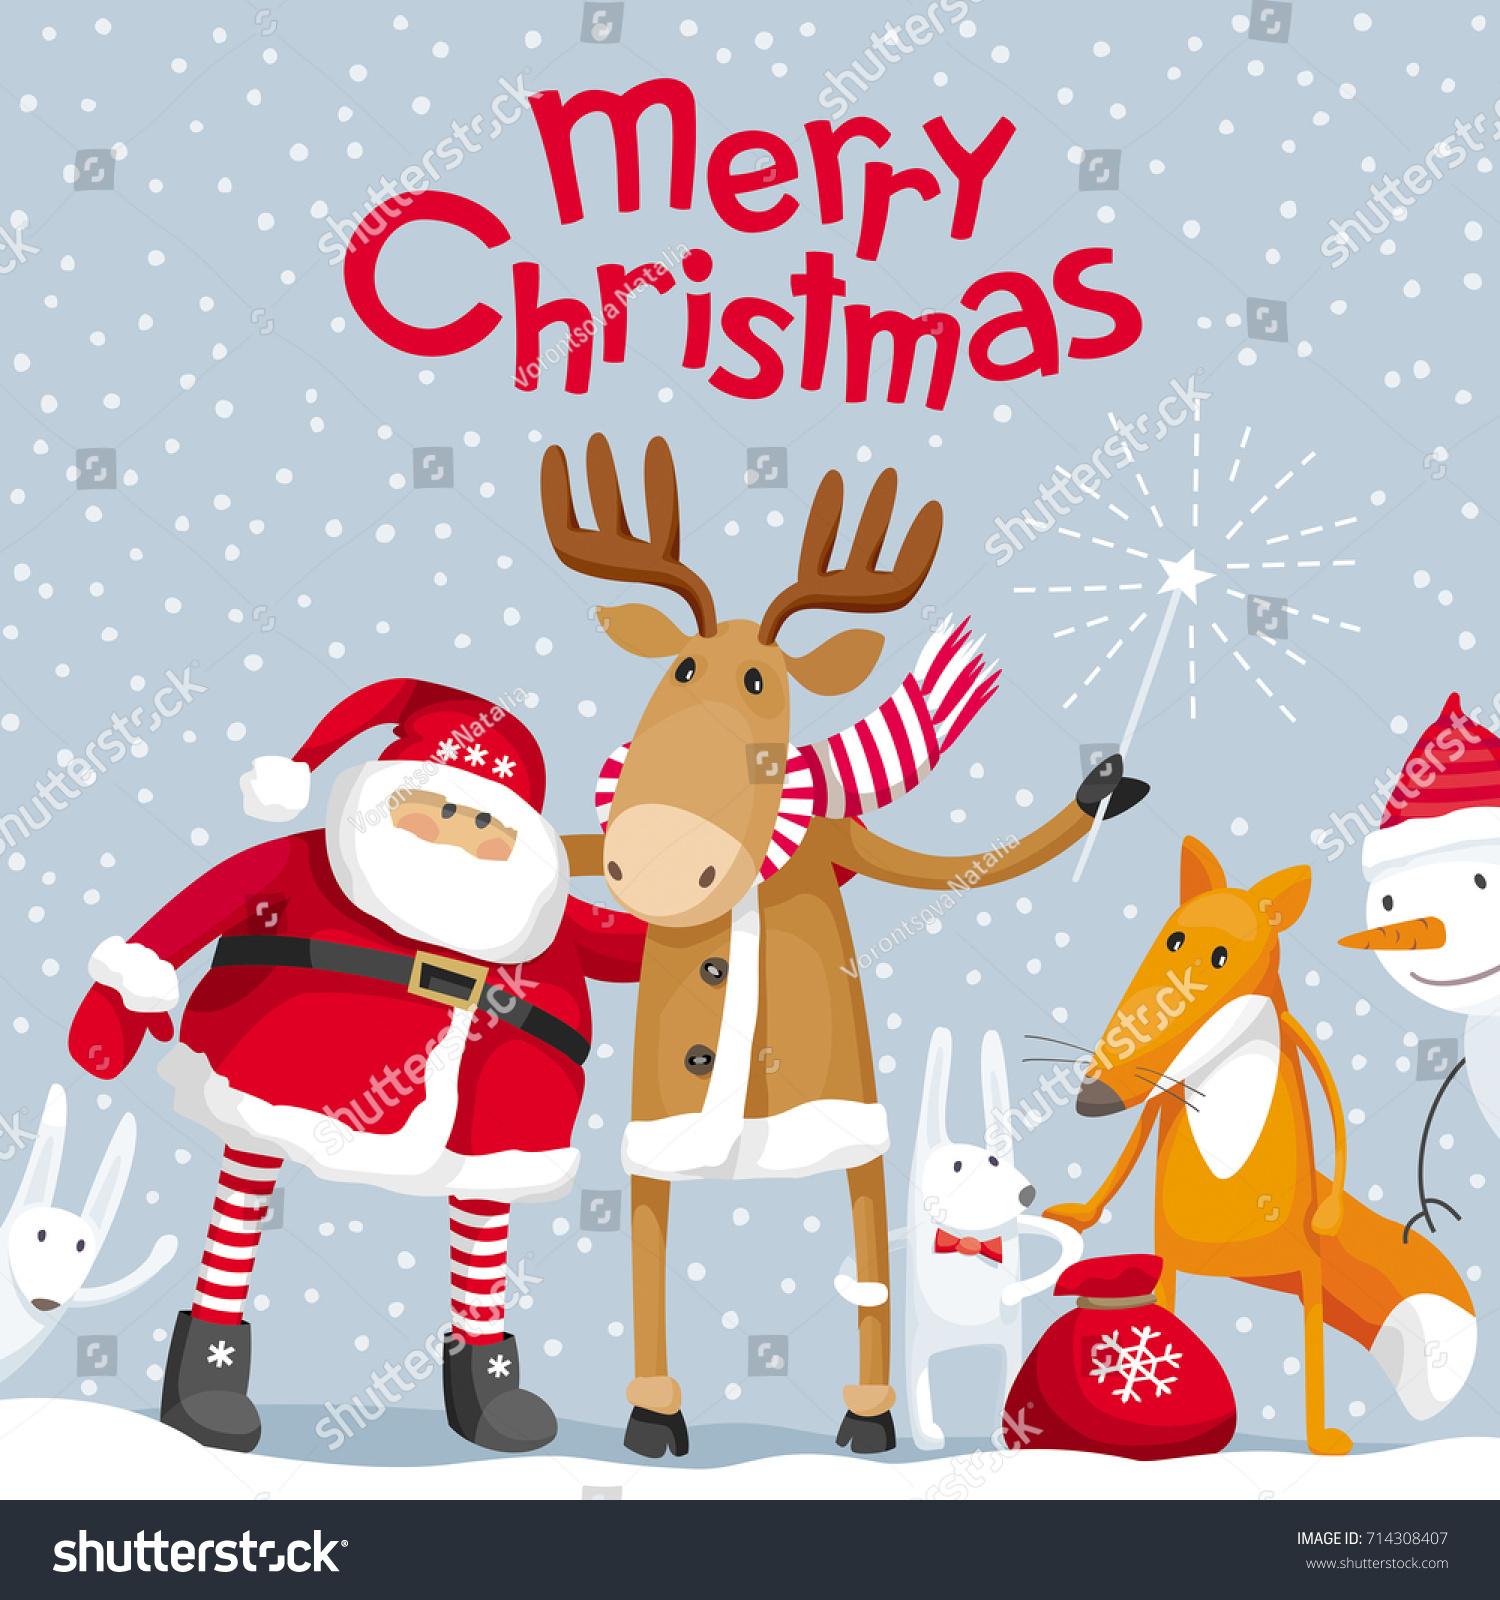 Vector Christmas Greeting Card Santa Claus Stock Vector Royalty